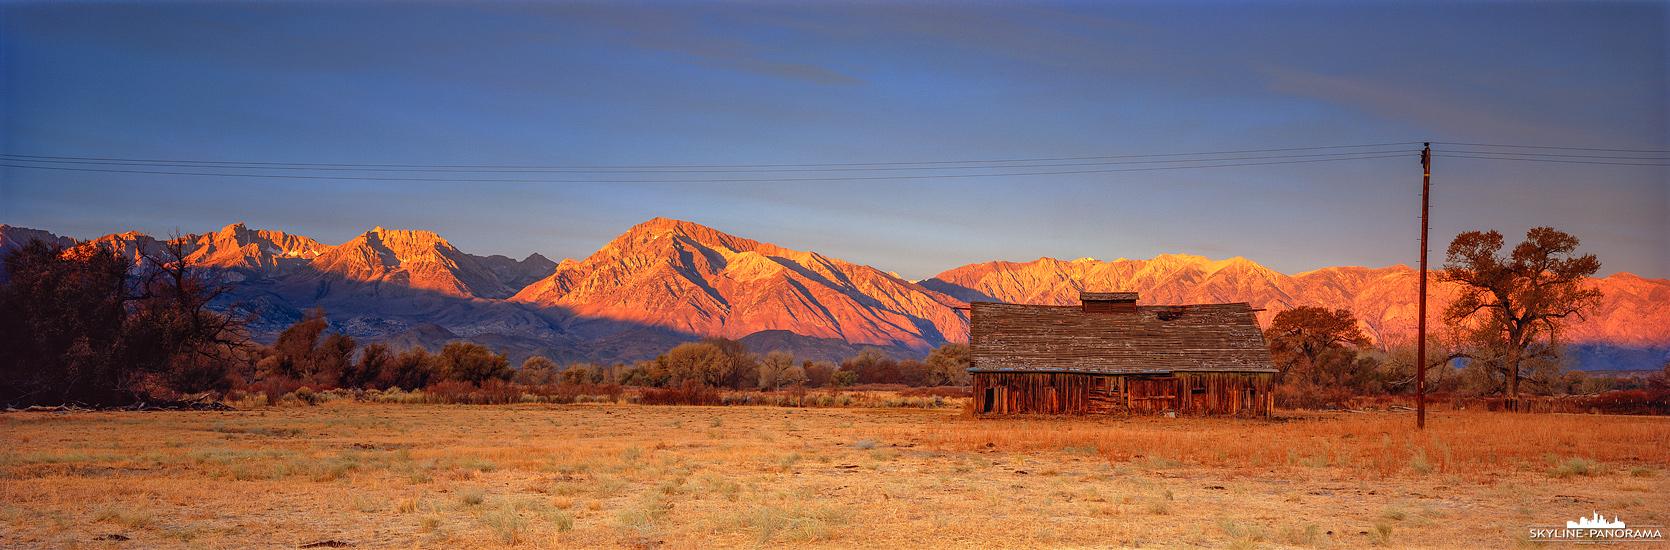 Die Sierra Nevada ist eine Gebirgskette im Westen der USA. Hier  von Bishop im Owens Valley, auf die Eastern Sierra, sie liegen östlich der Sierra Nevada...